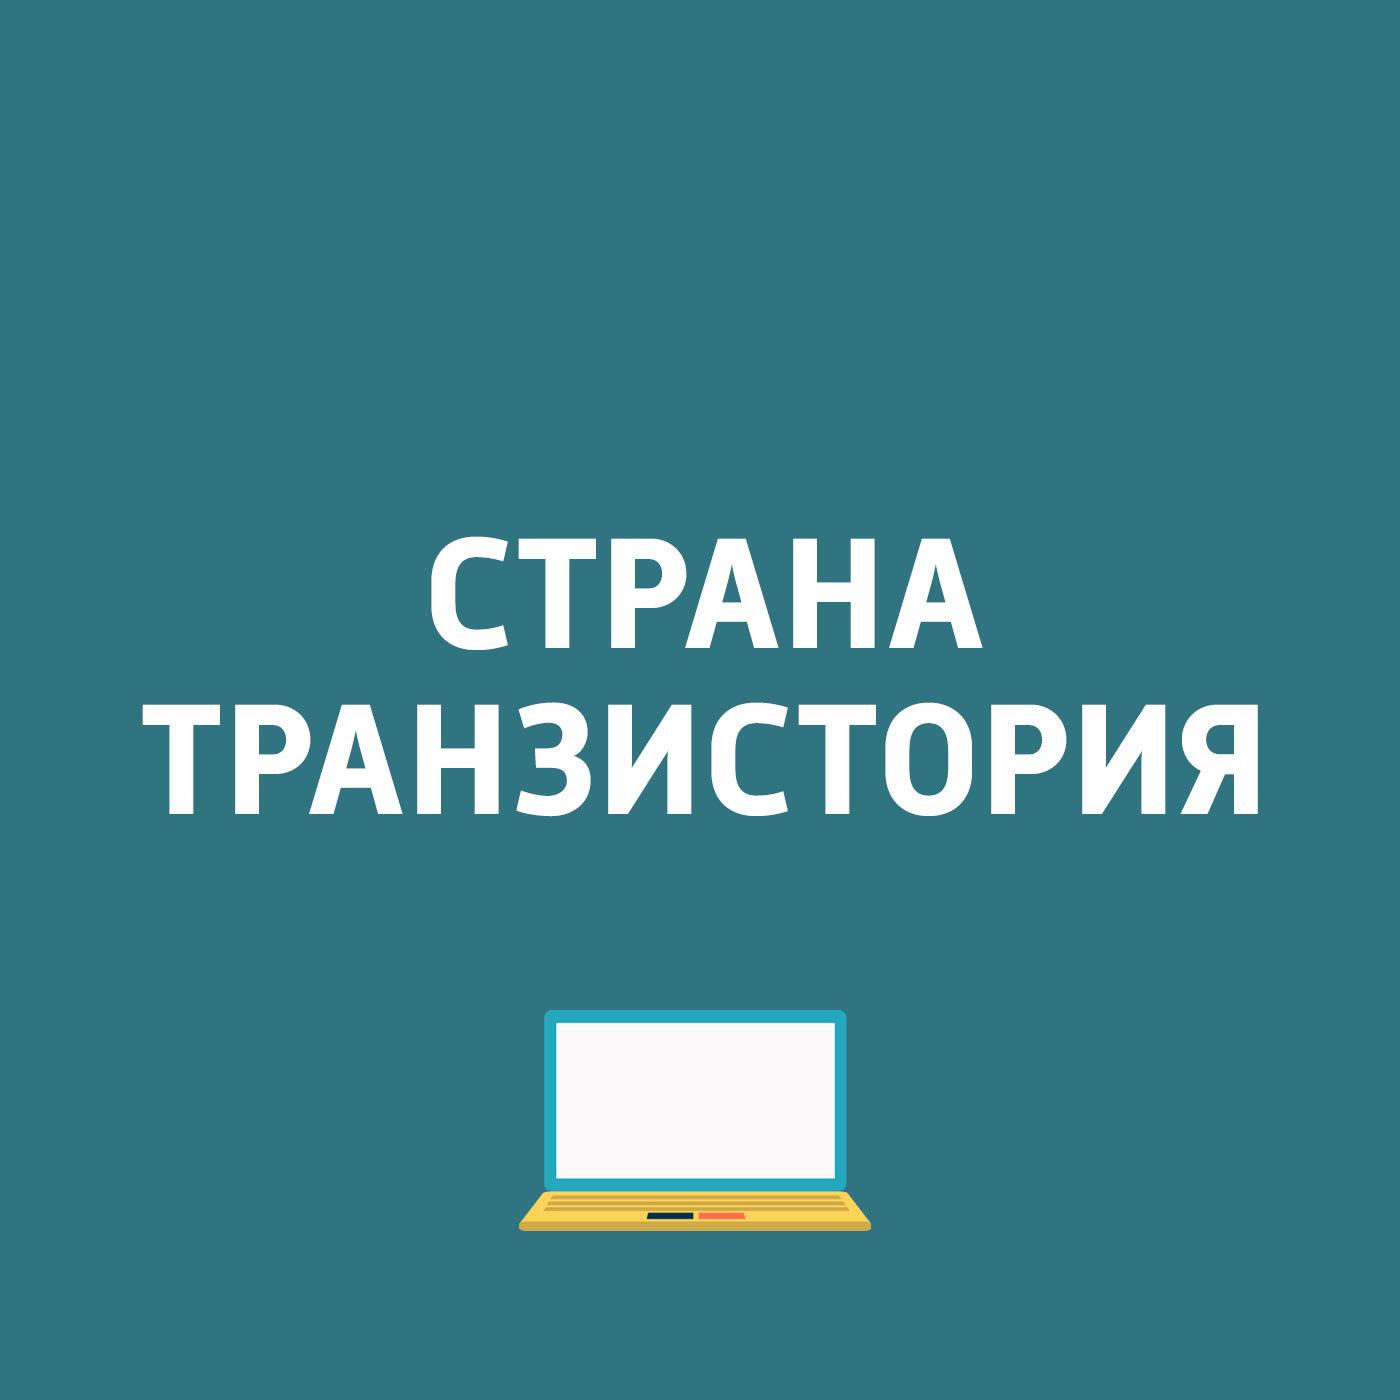 Картаев Павел Mail.Ru Group добавила в свой почтовый клиент еще одну возможность... картаев павел hmd global выпустила смартфон nokia 8 eset обнаружила вирус для устройств на андроиде